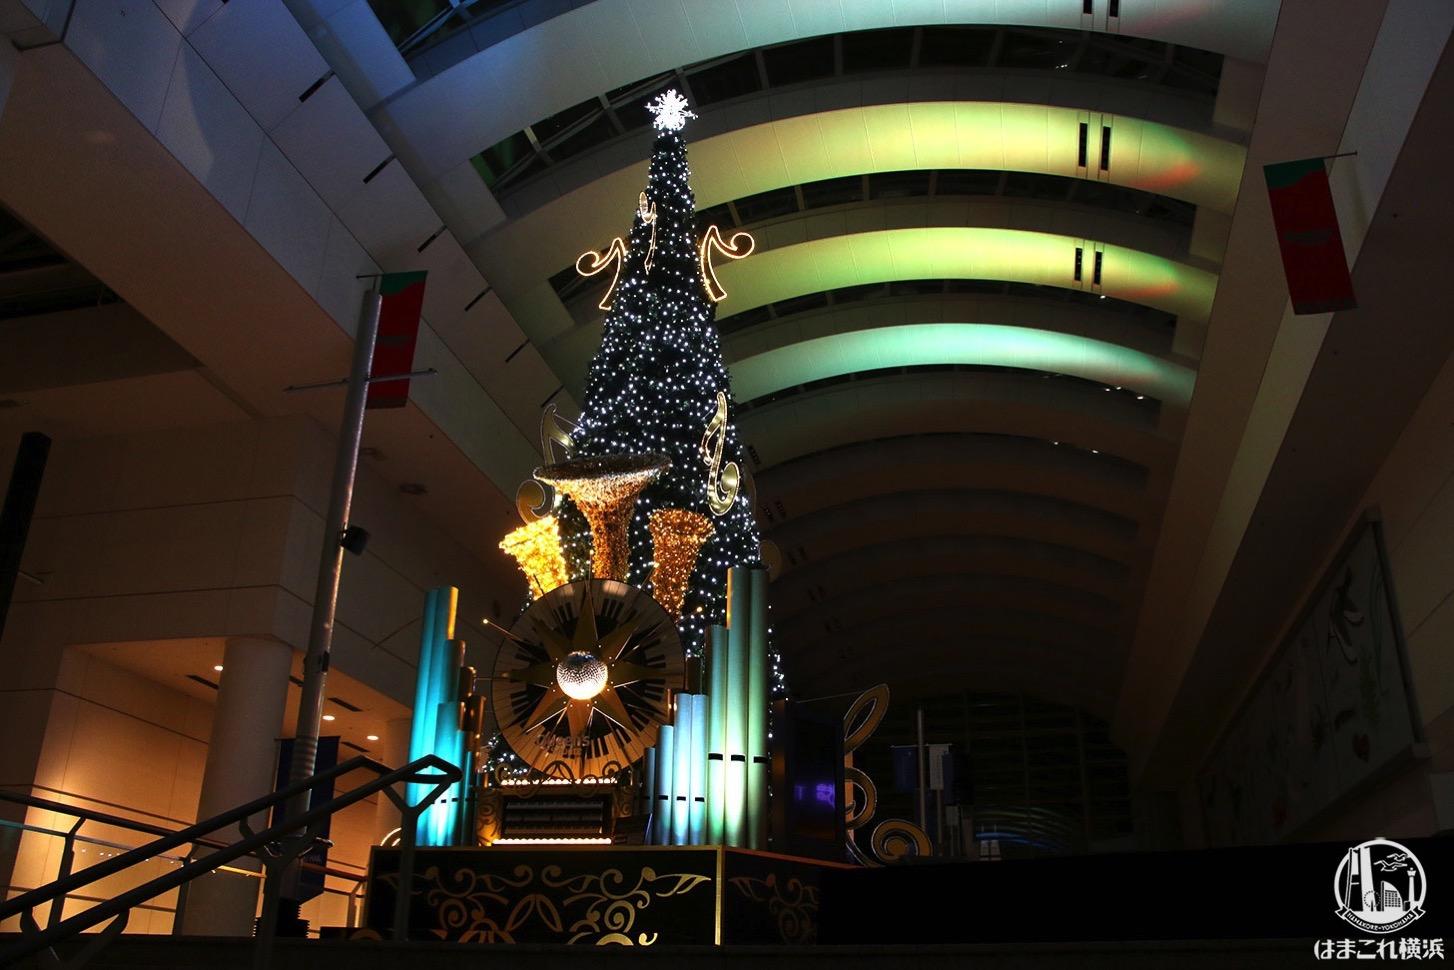 クイーズスクエア横浜 クリスマスツリー